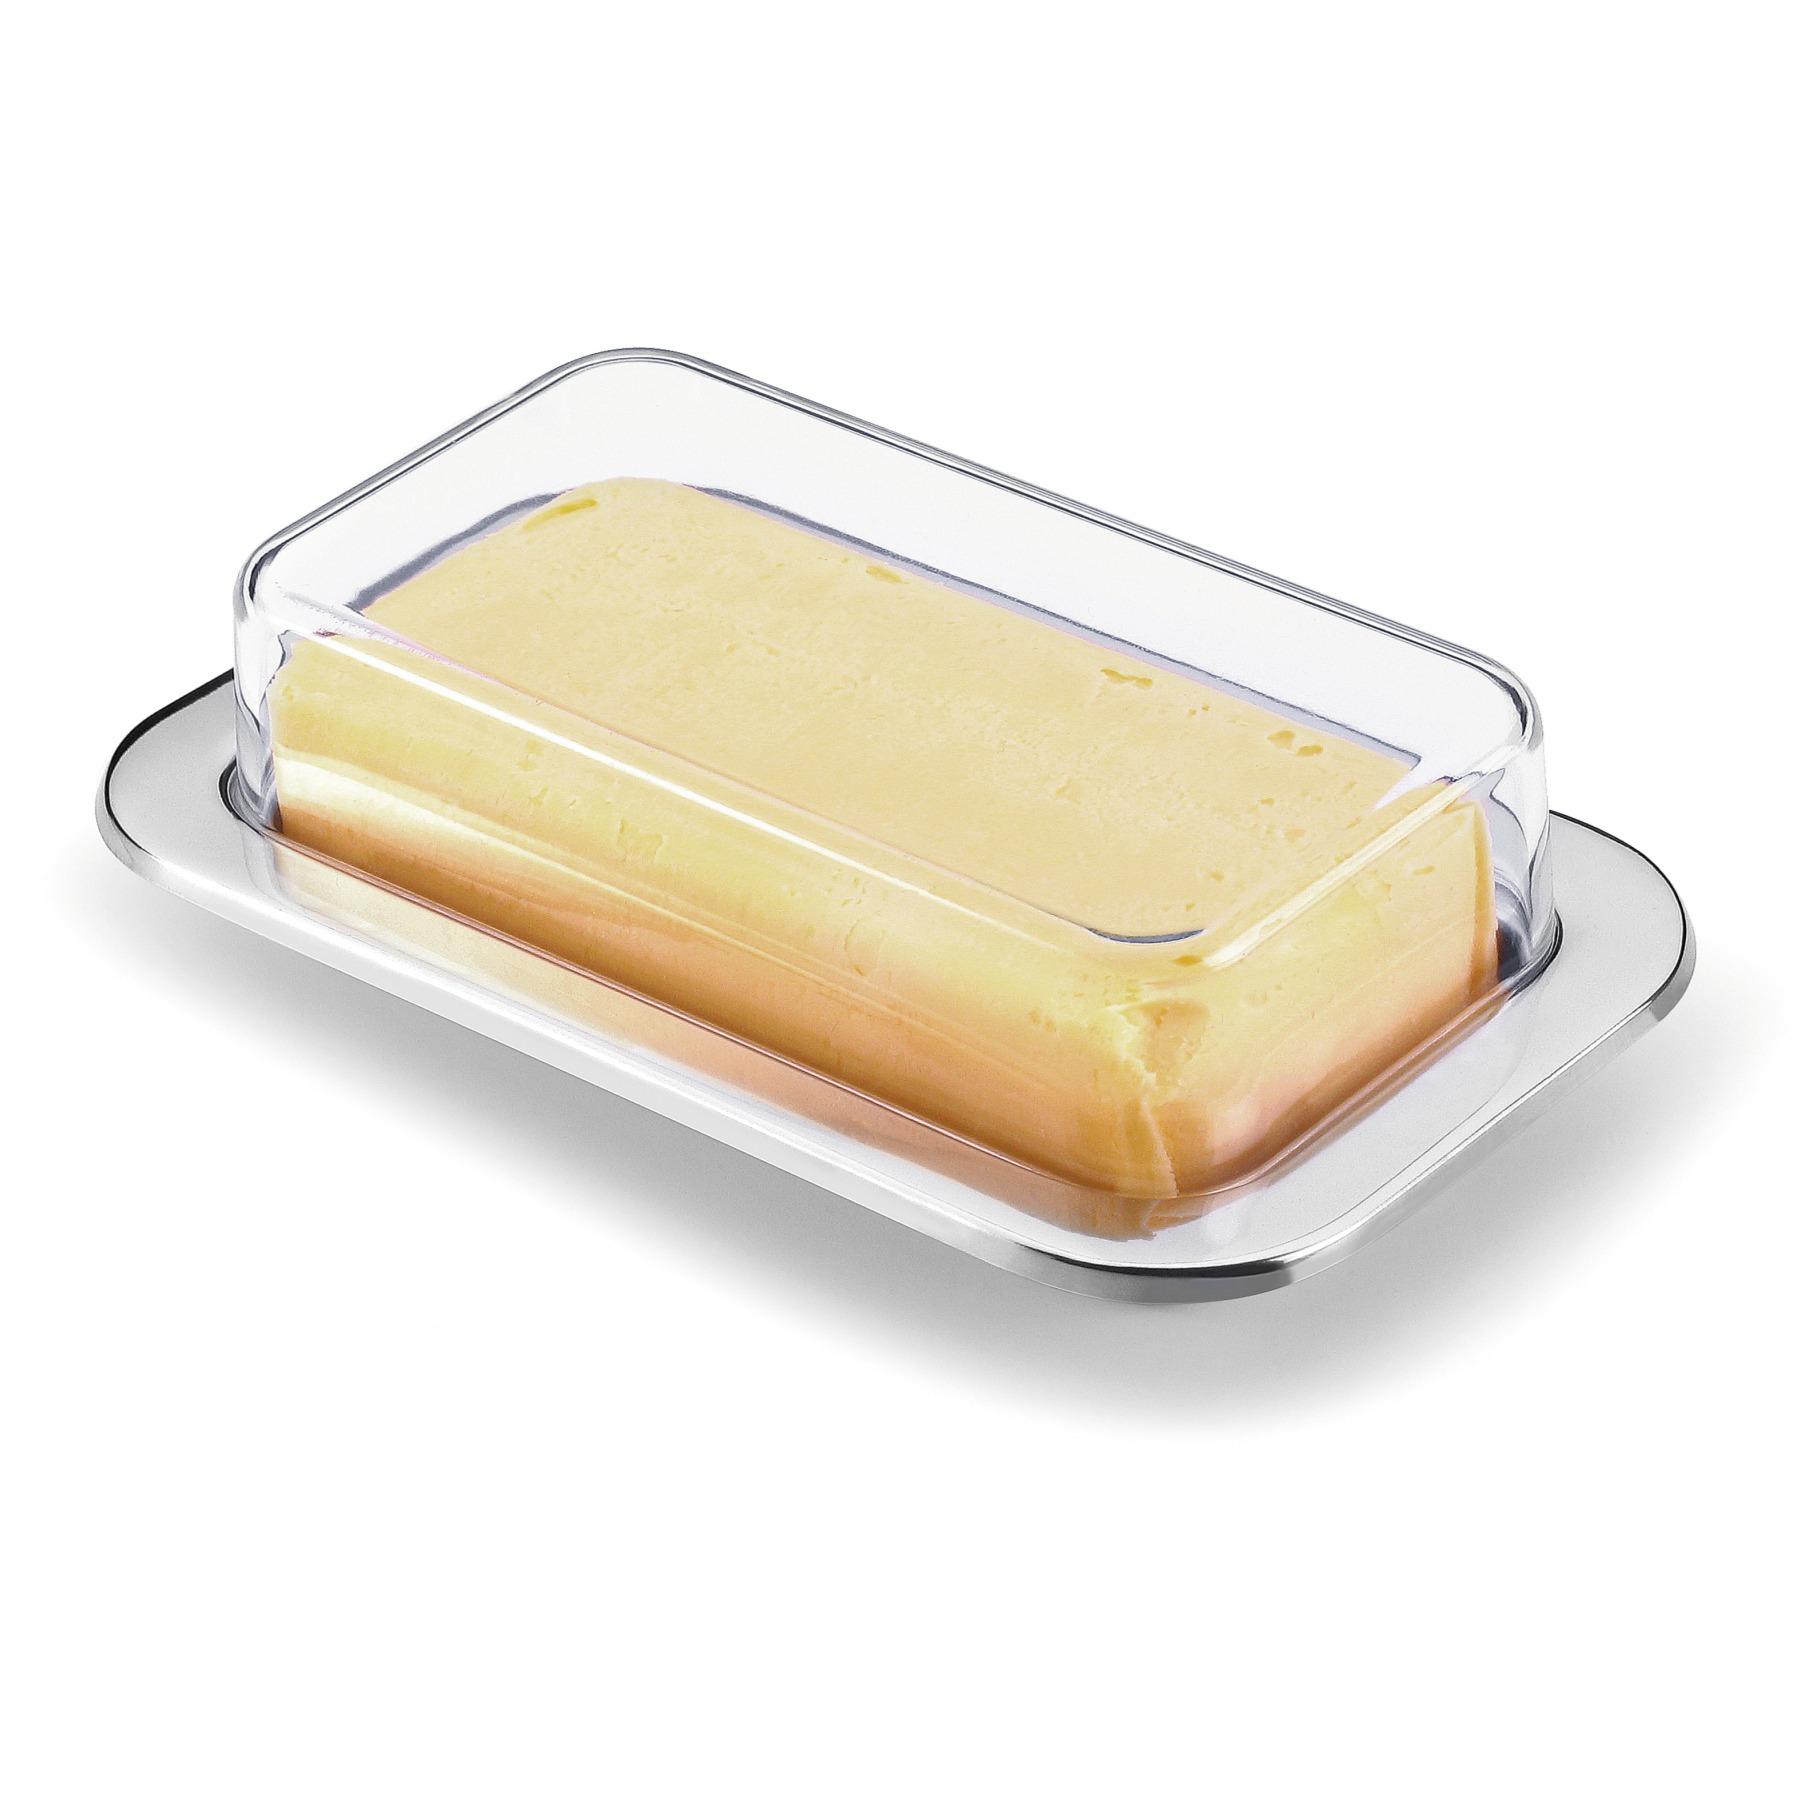 Manteigueira 200 g de Aco inox - 0144 - Forma